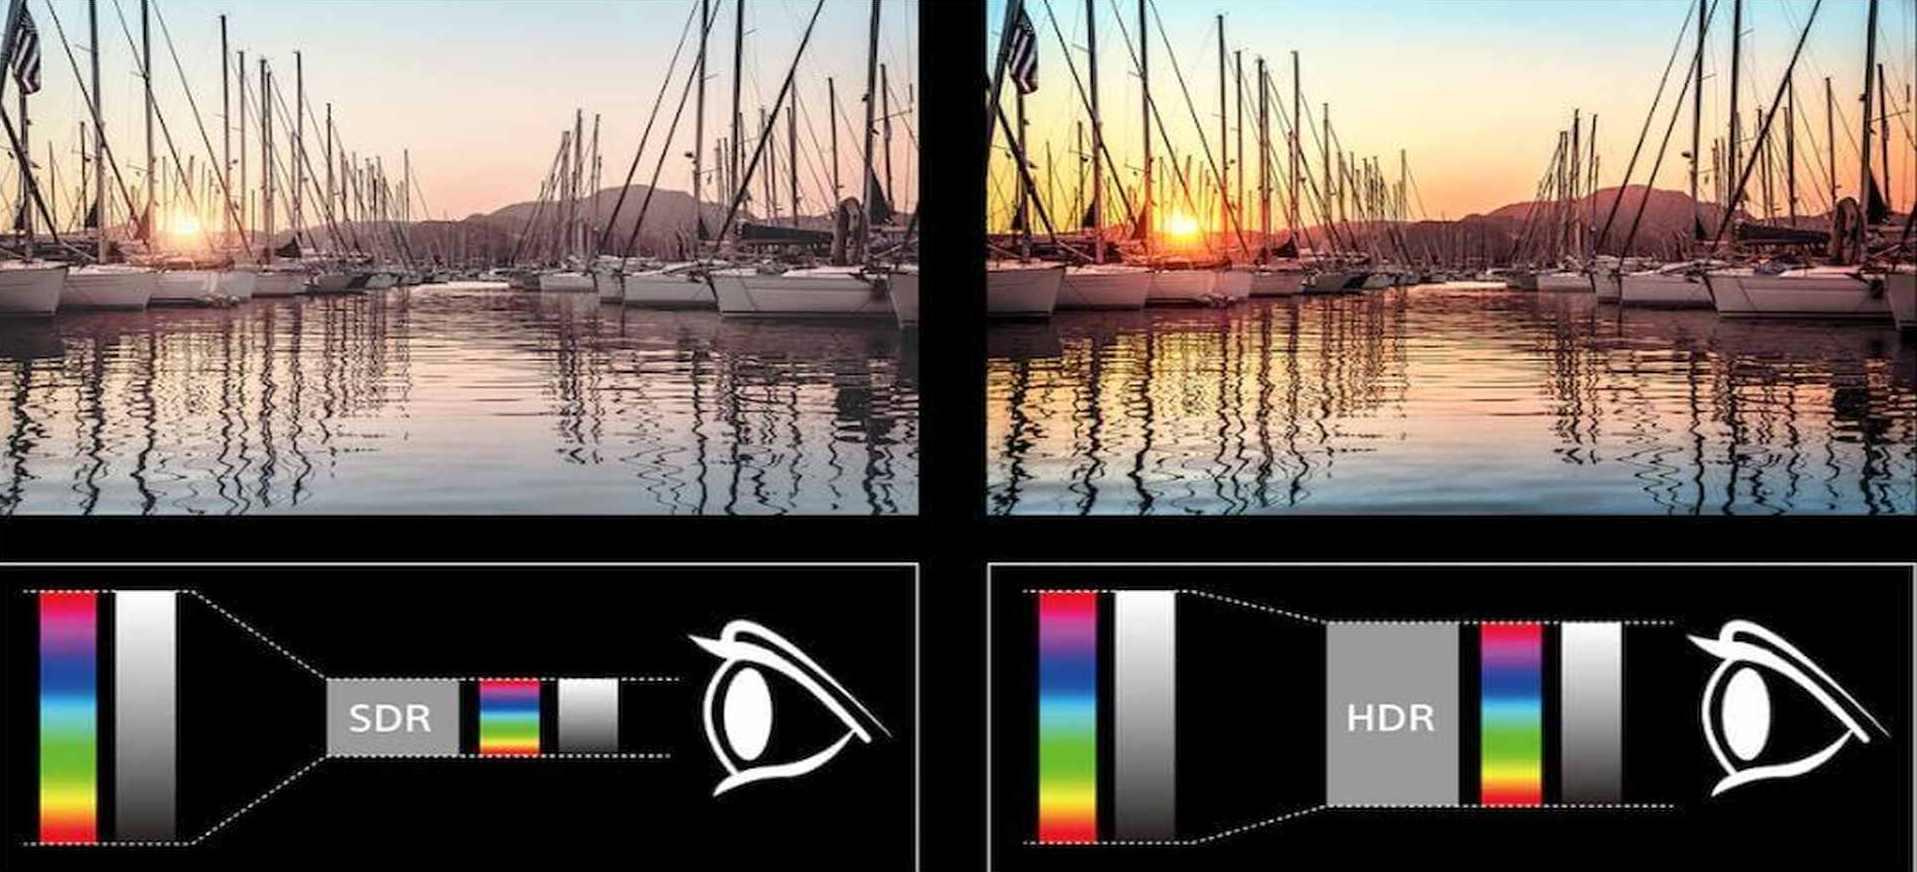 HDR_SDR_Vergleich_Sony_AF9MEPHwj58xLy2H